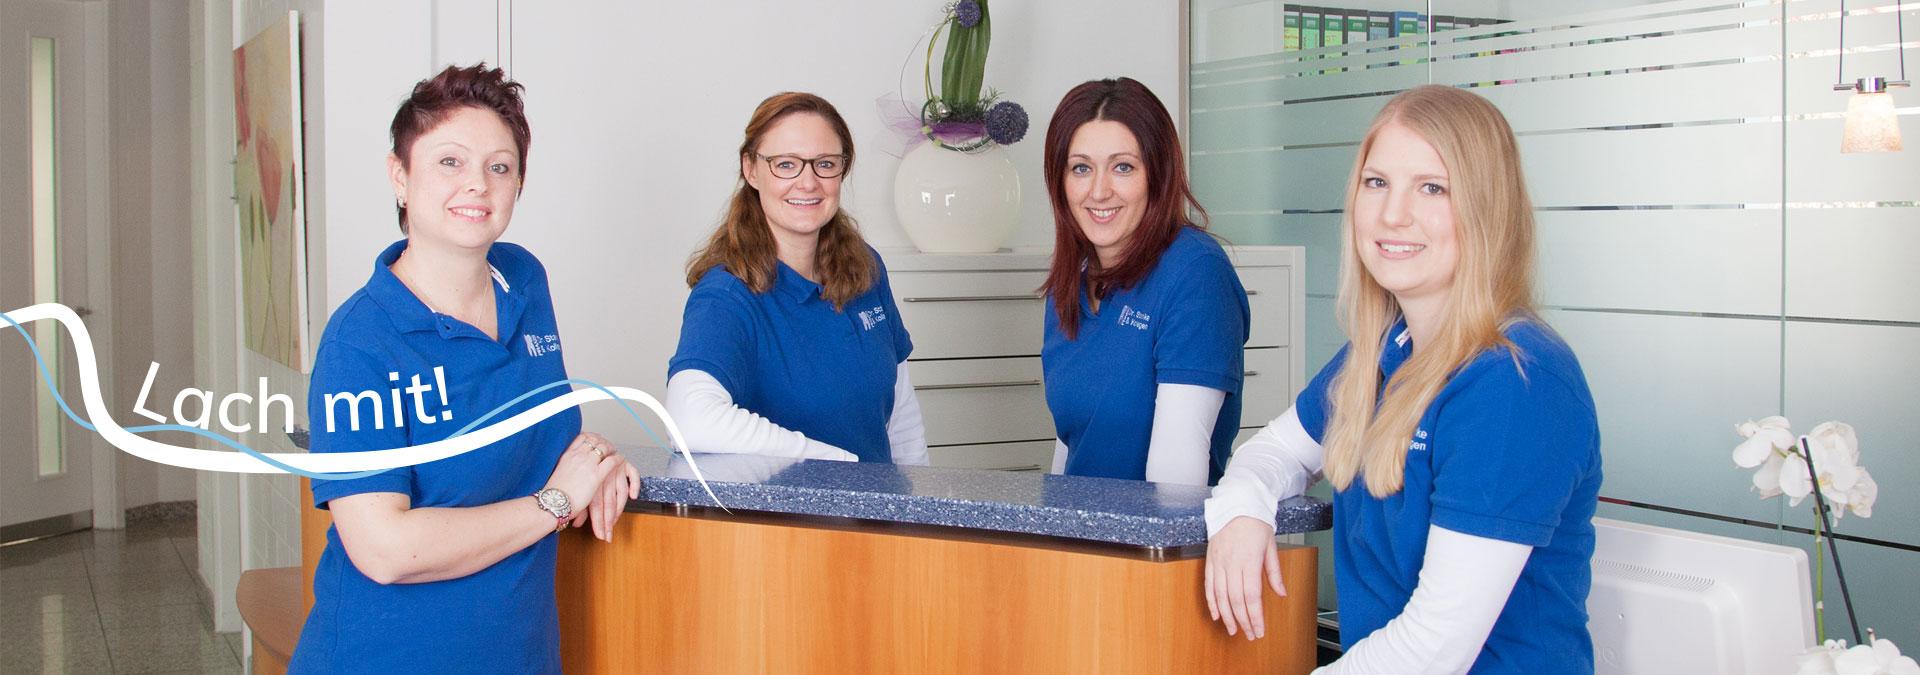 Lach mit - Dr. Stanke & Kollegen - Ihre Zahnarztpraxis mit eigenem Dentallabor in Hamm.